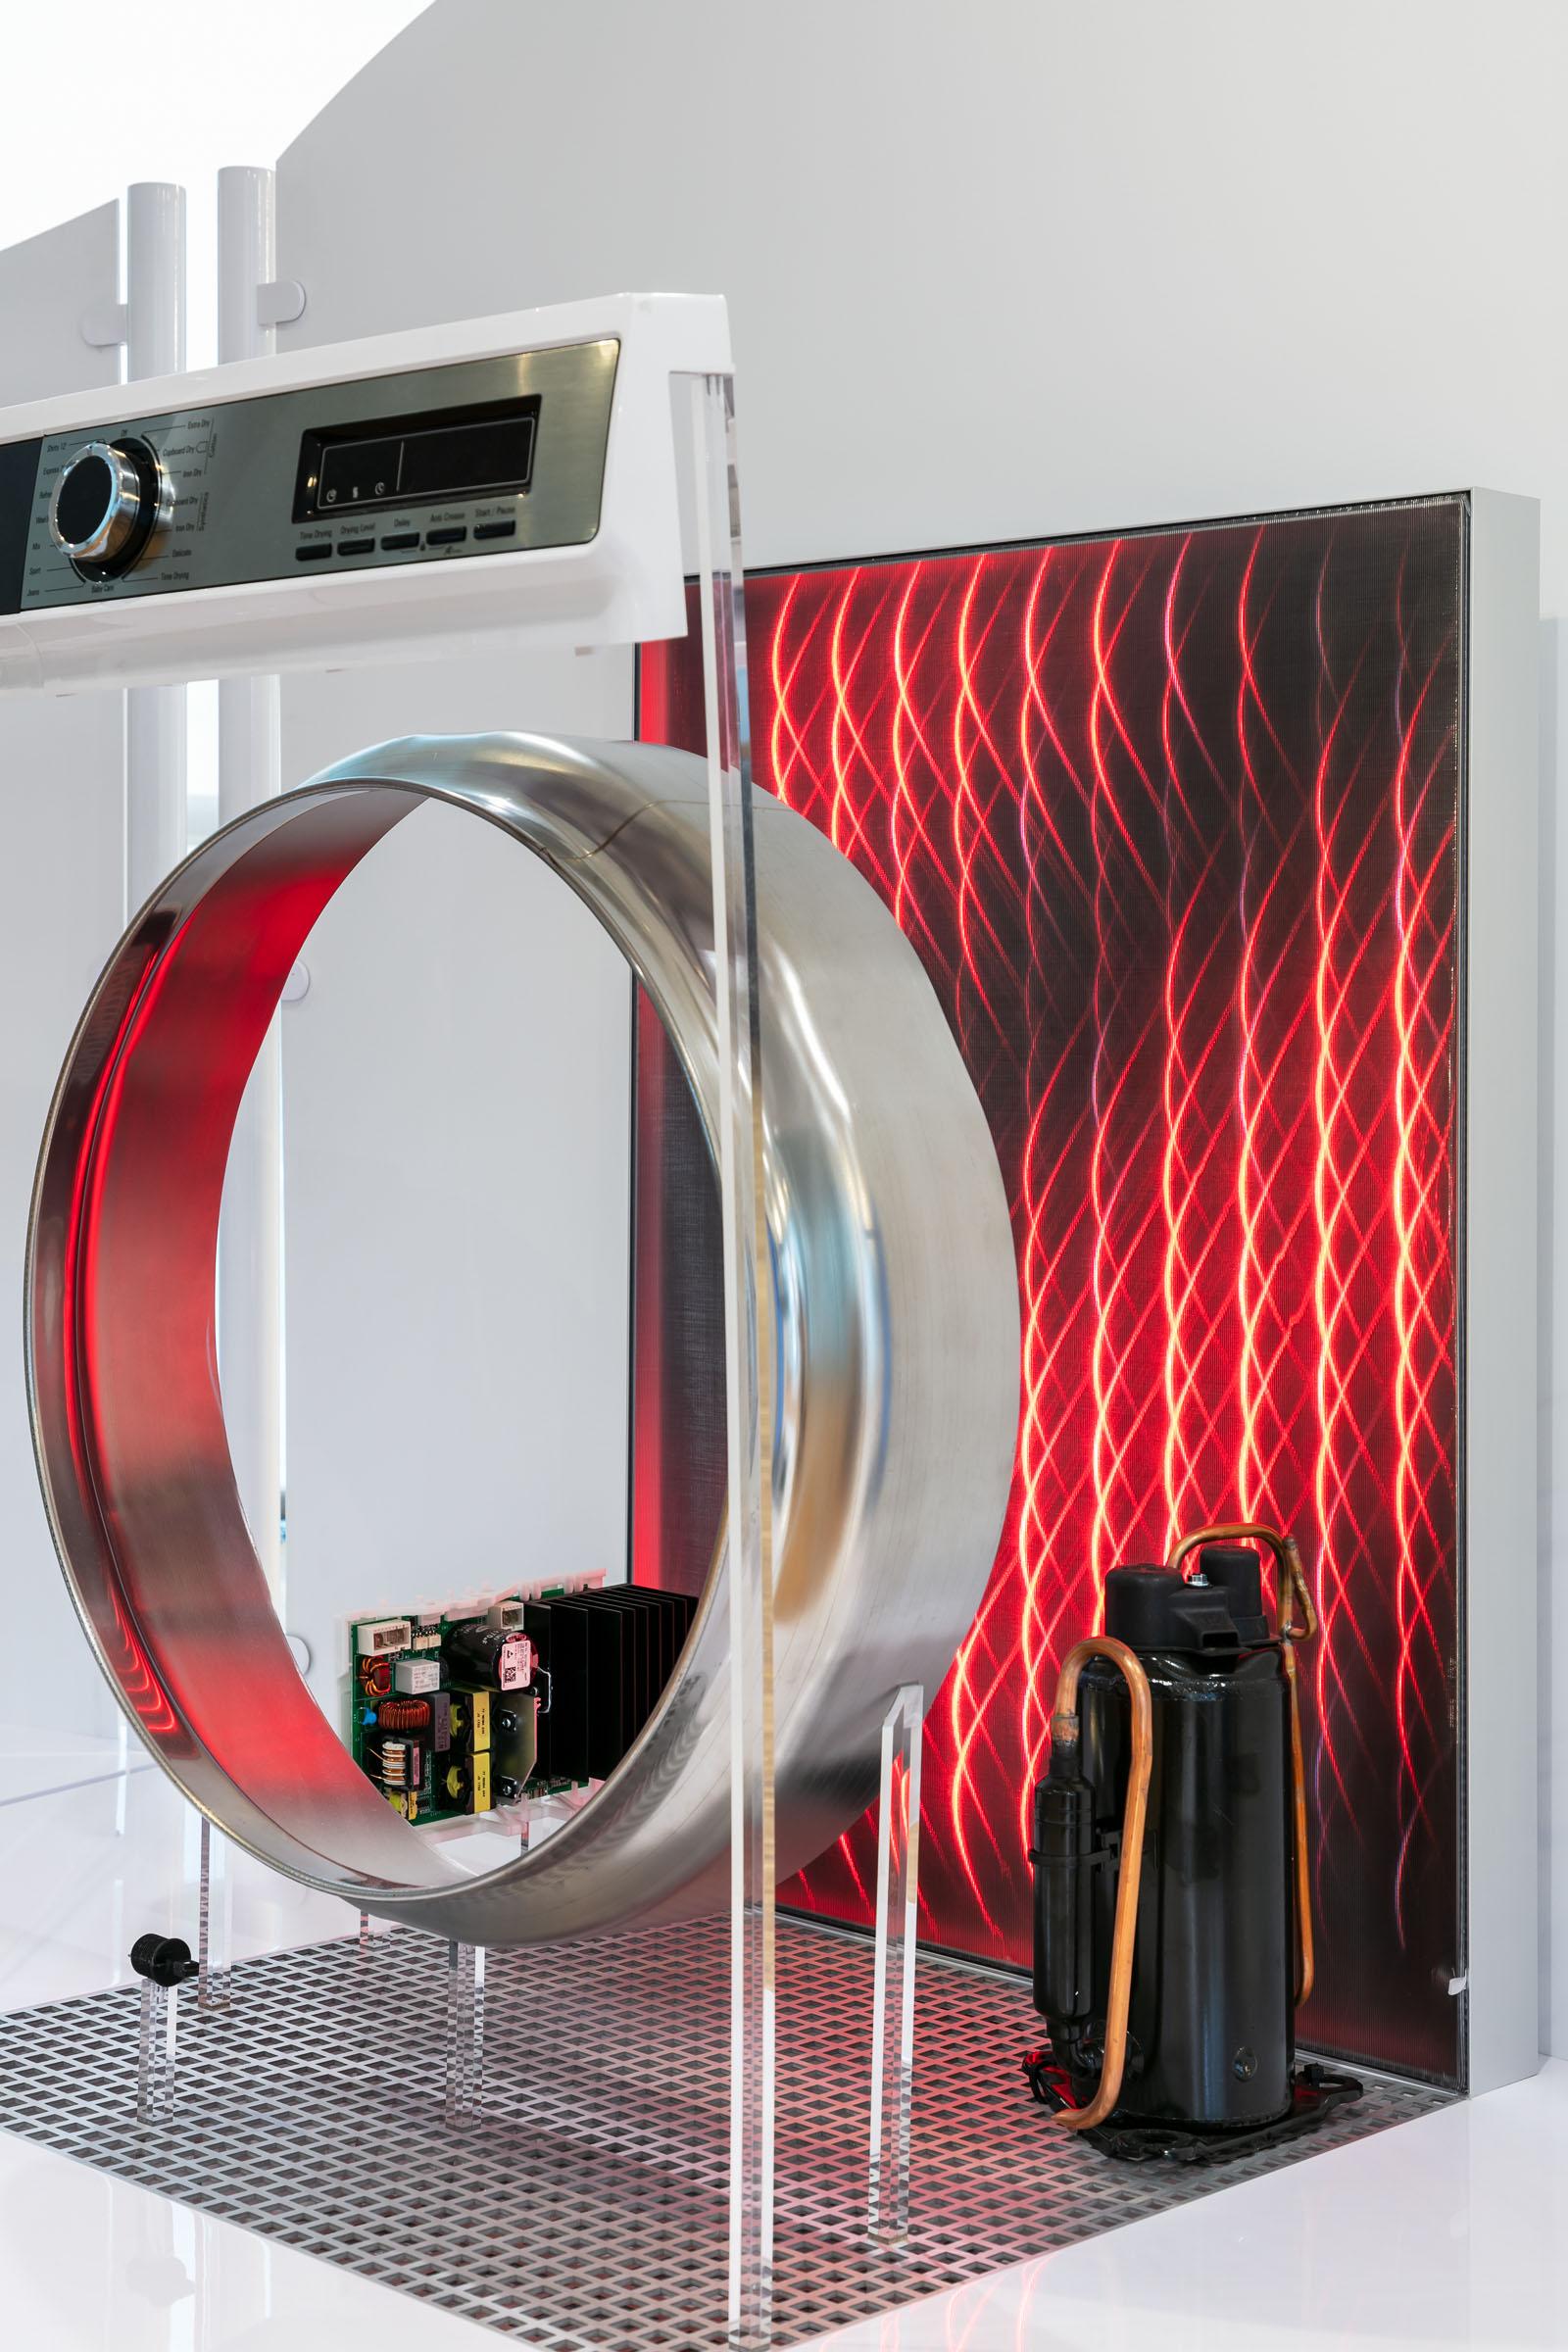 Leuchtende Effekte inszenieren Produkte in Ausstellungsbereich